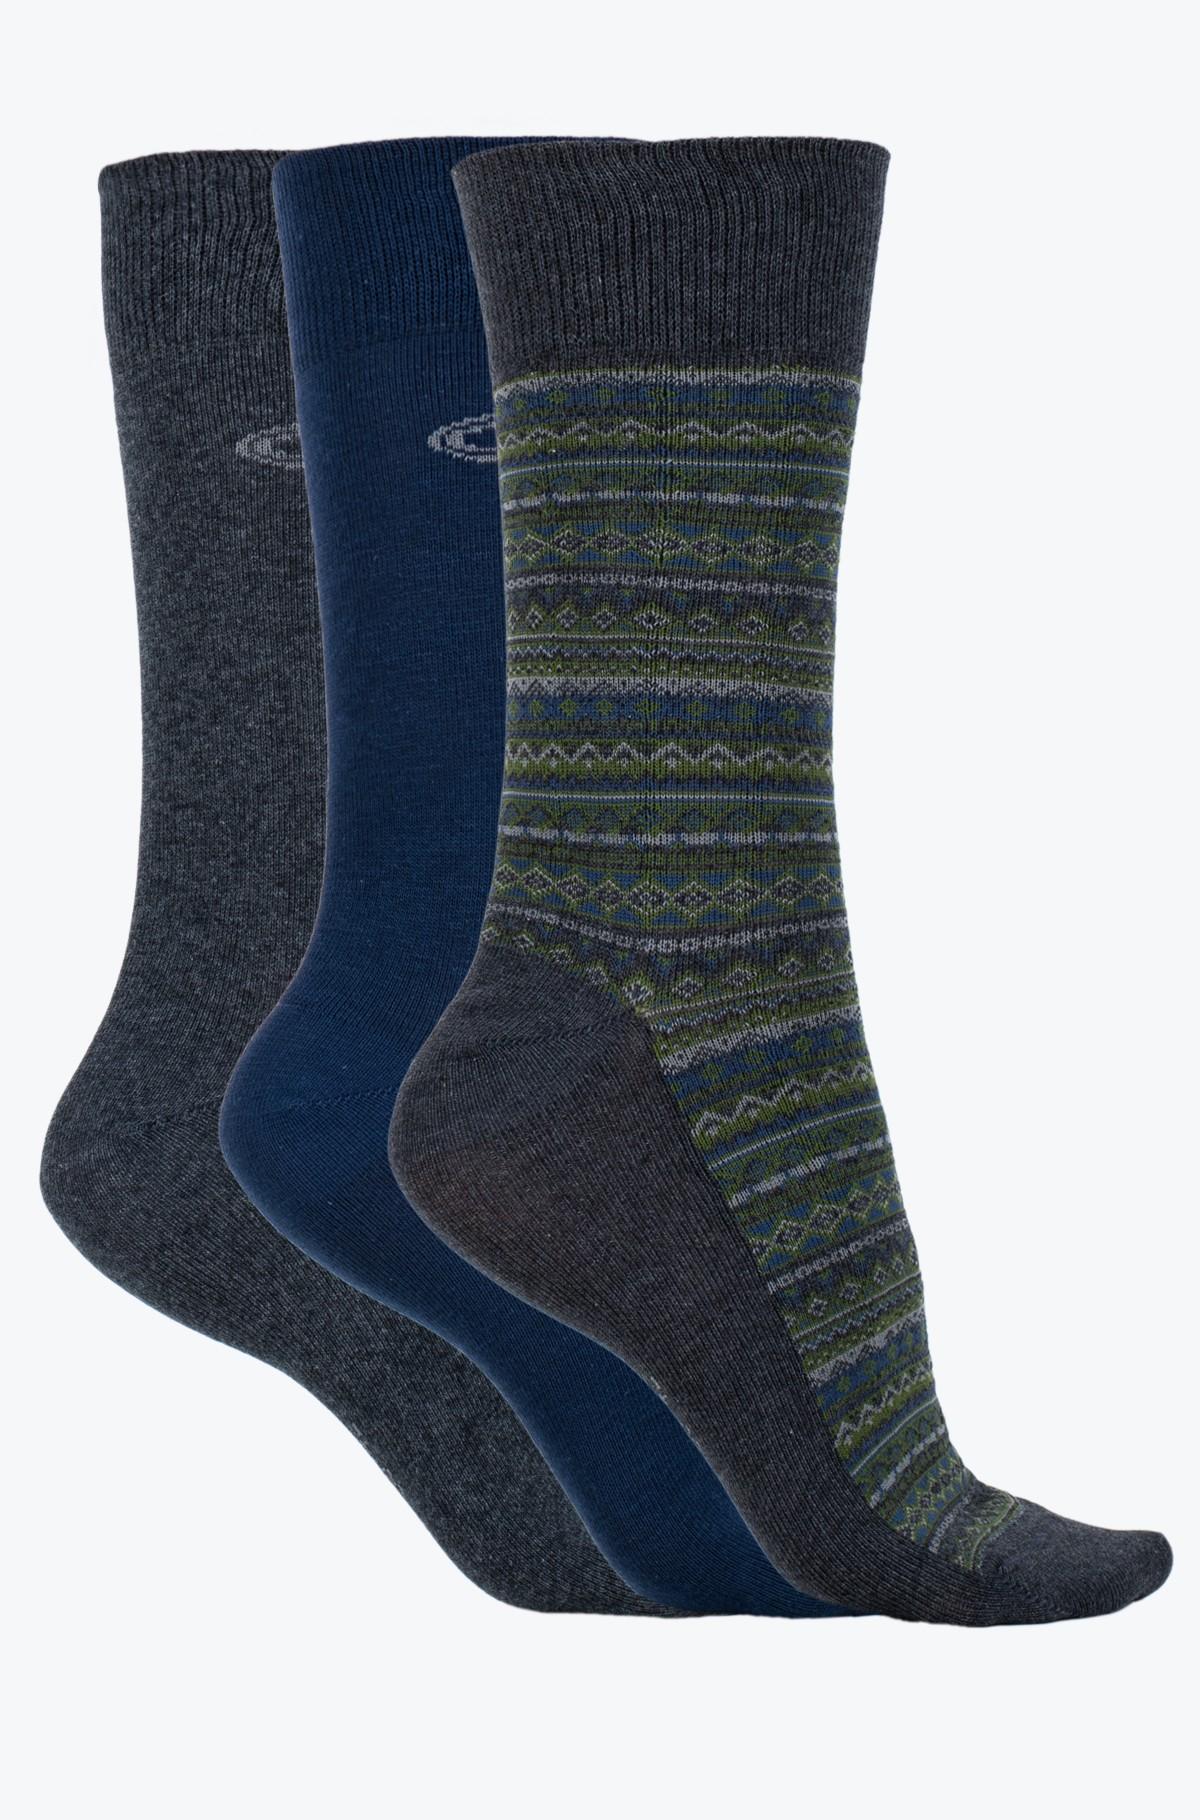 Socks in gift box 6207X-full-2